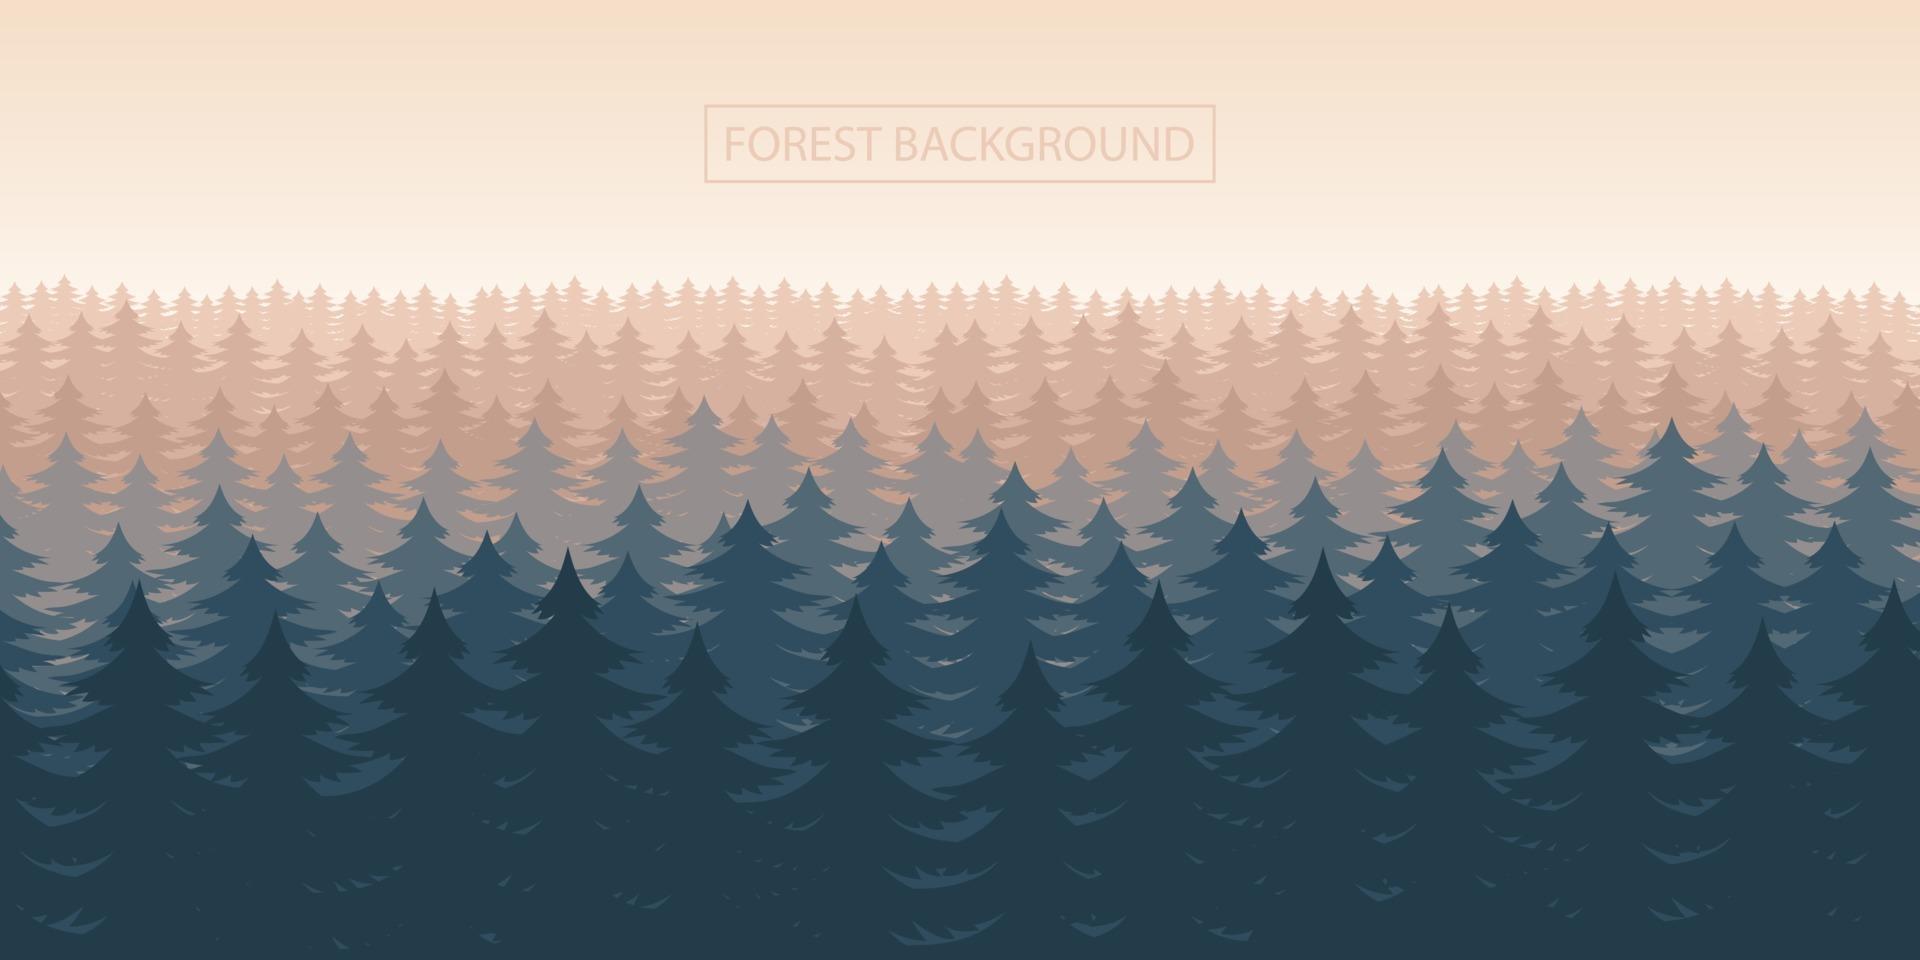 boslandschap achtergrond vectorillustratie ontwerp vector